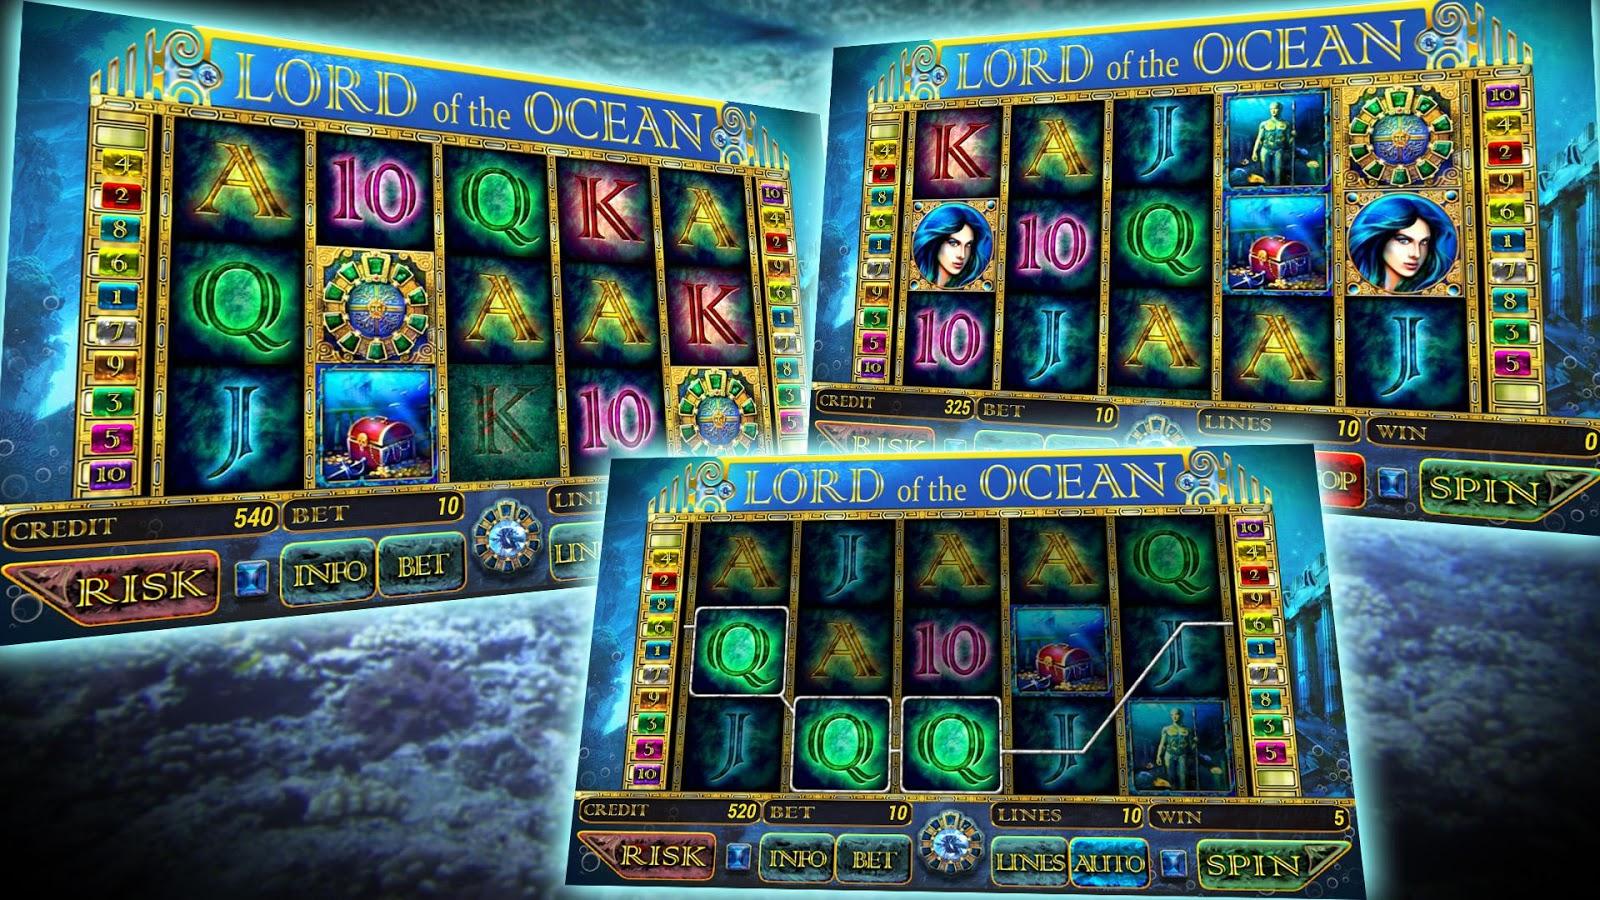 Lord of the Ocean slot gennemgang - spil gratis demo online